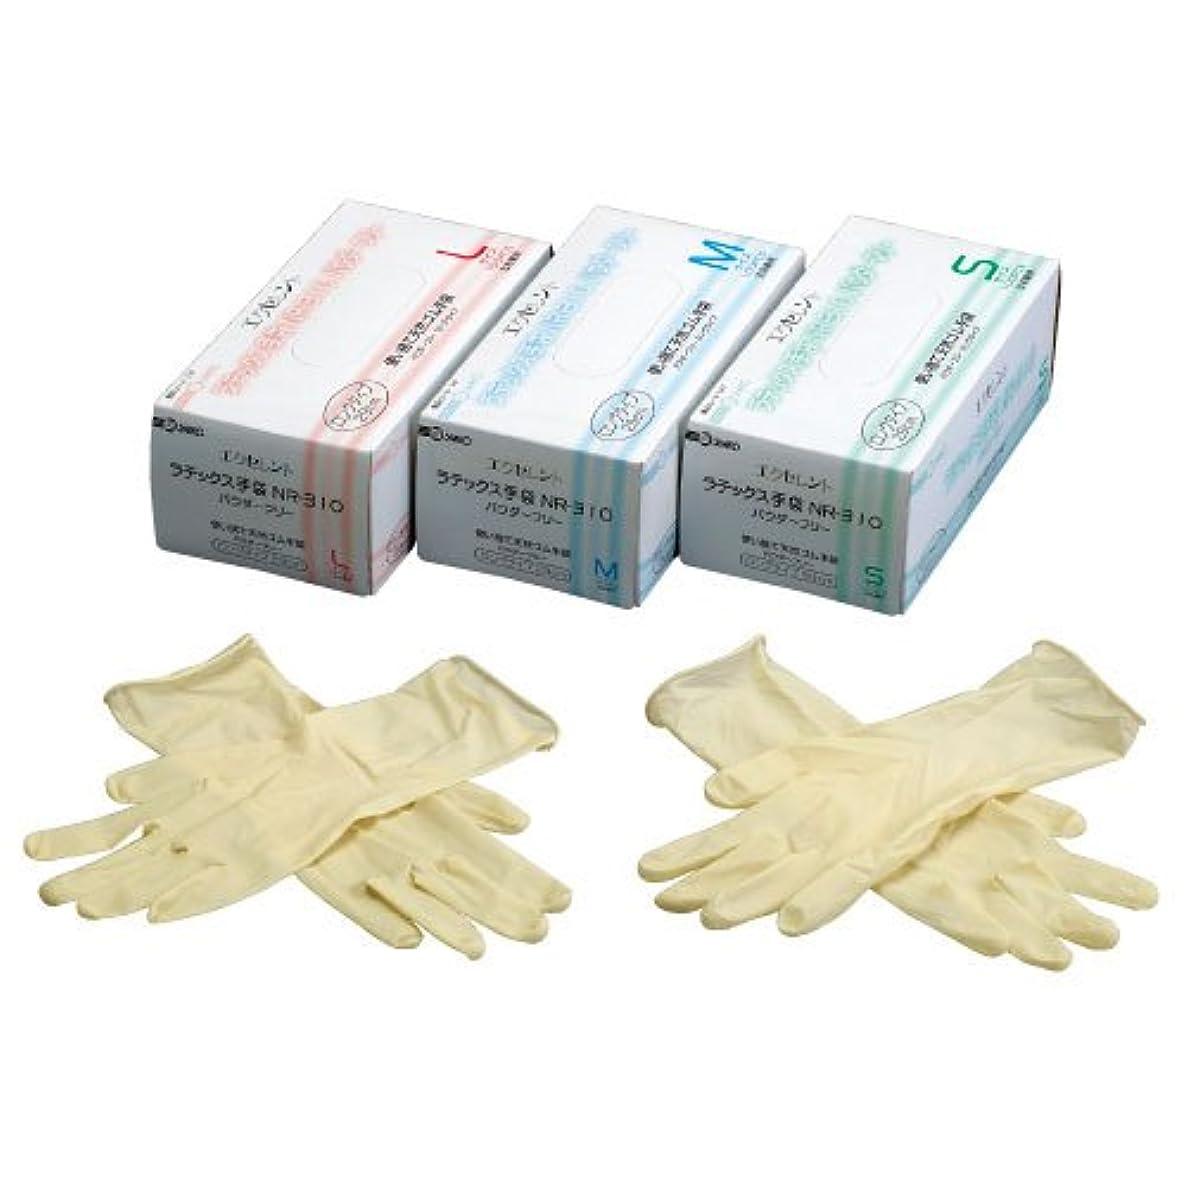 ゴールデンマウント無駄だエクセレントラテックス手袋PFロング ????????????????(23-3140-00)NR-310(100????)M M